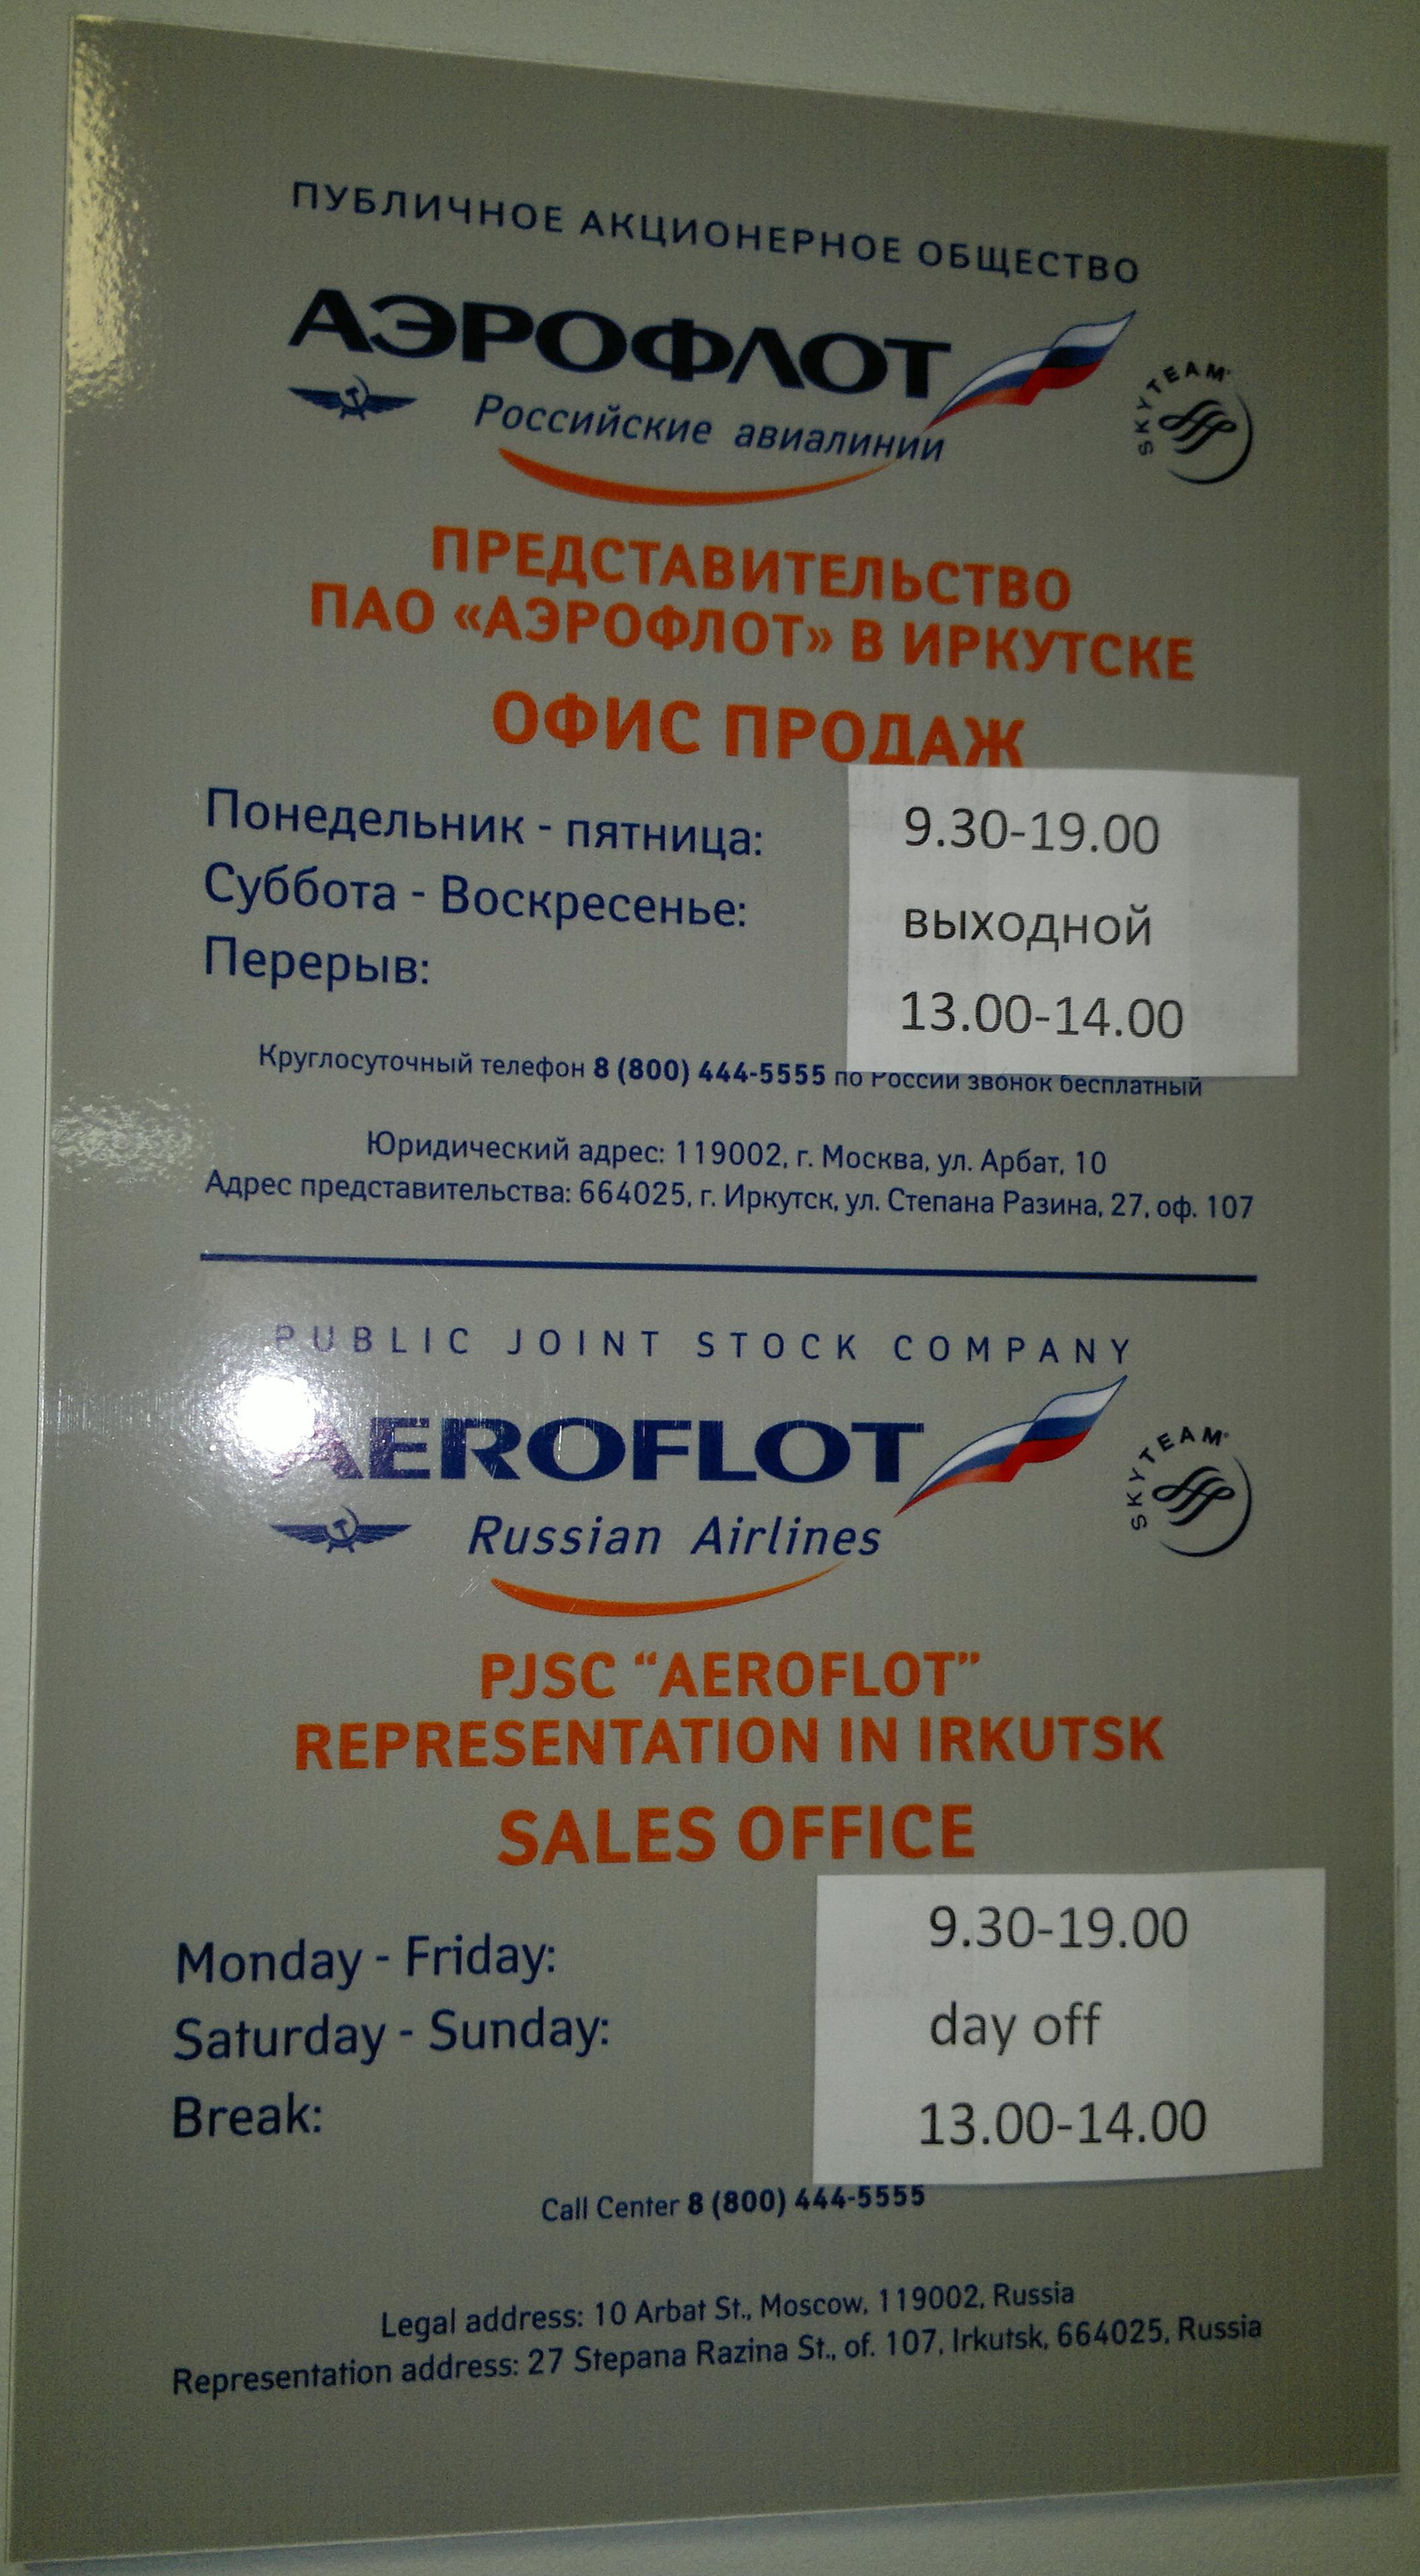 пао аэрофлот официальный сайт контакты адрес кредит на вторичное жилье в минске